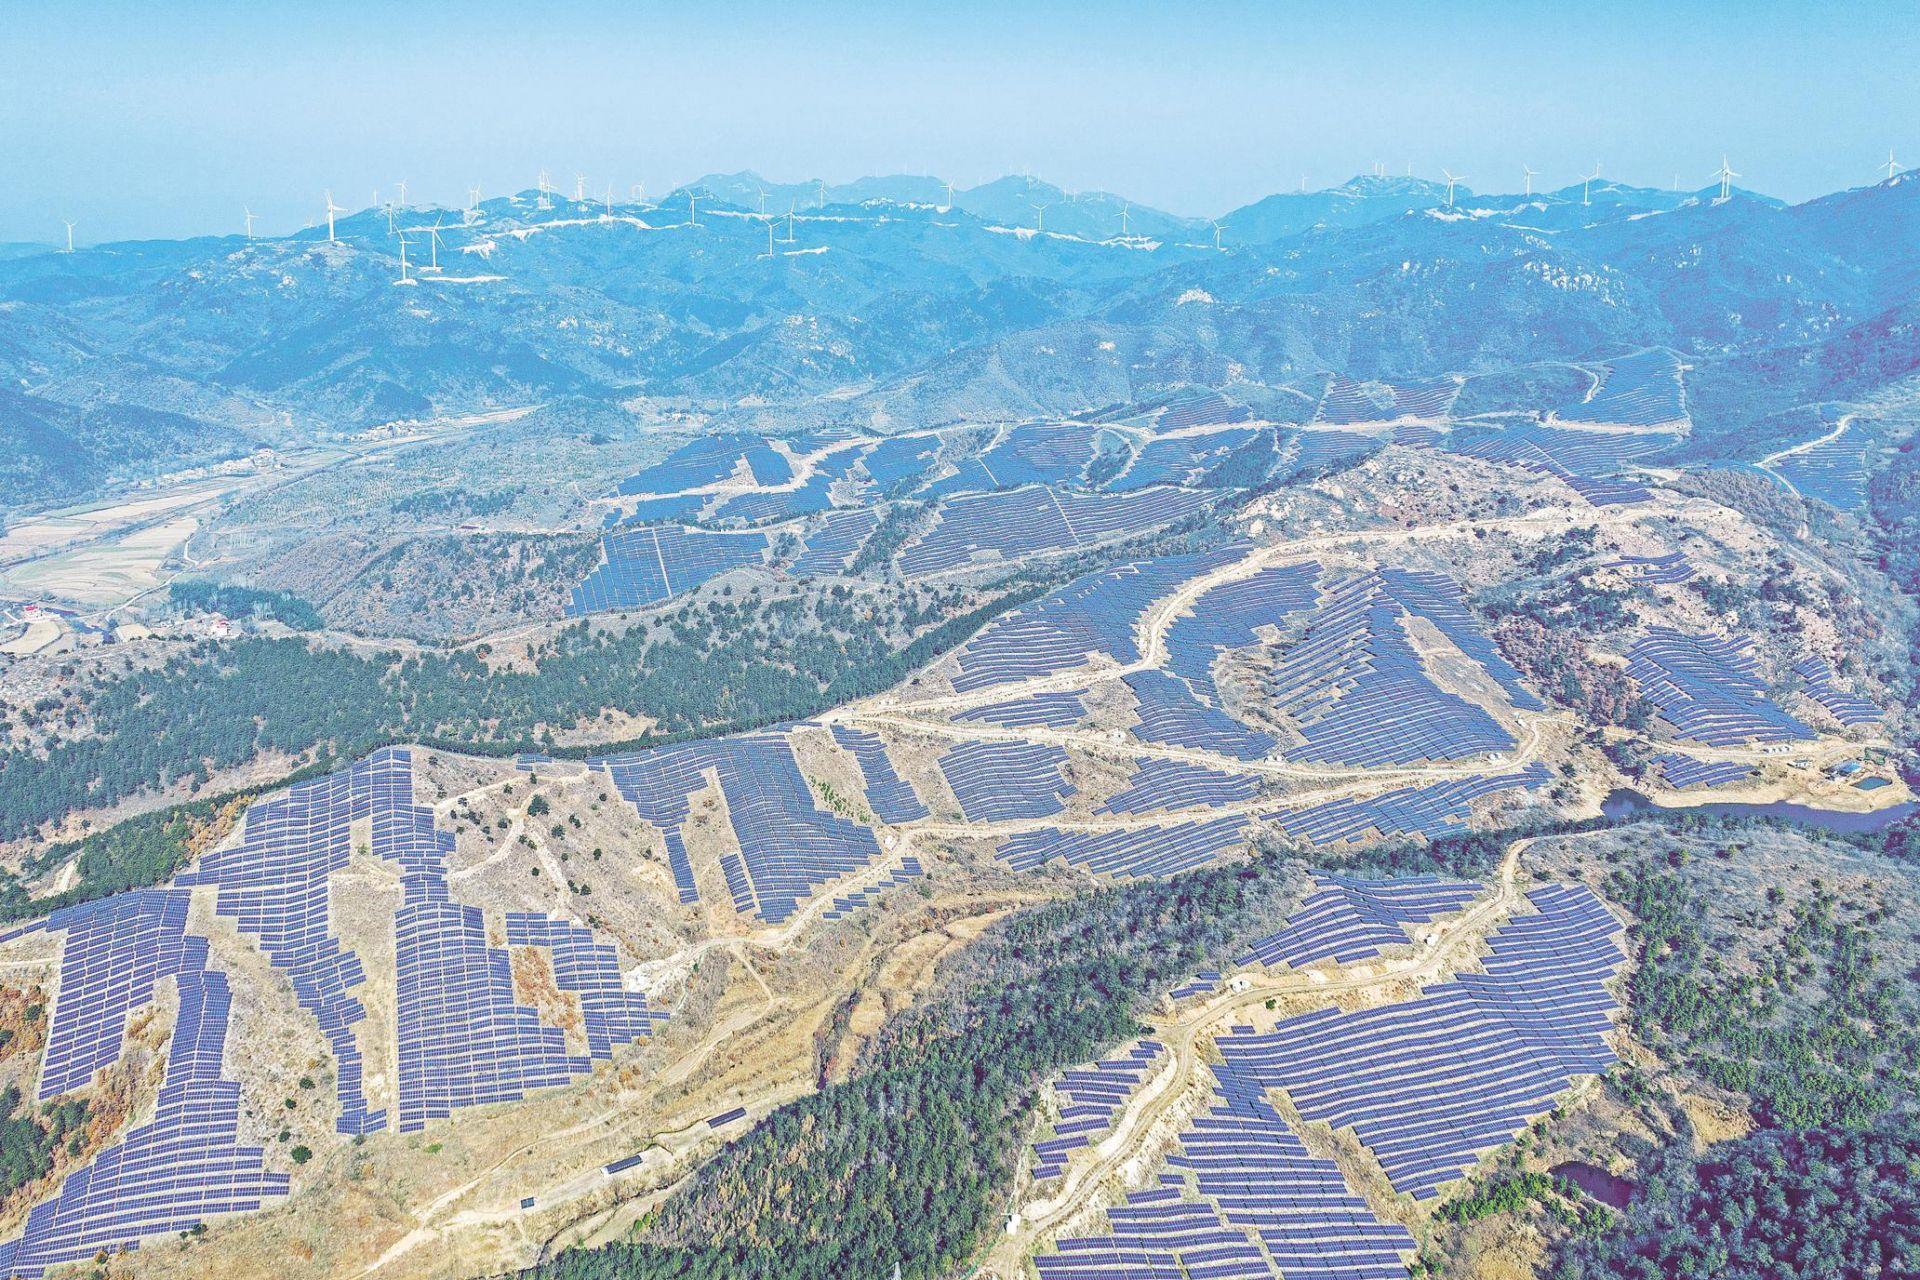 湖北首個風光一體發電項目投入運營